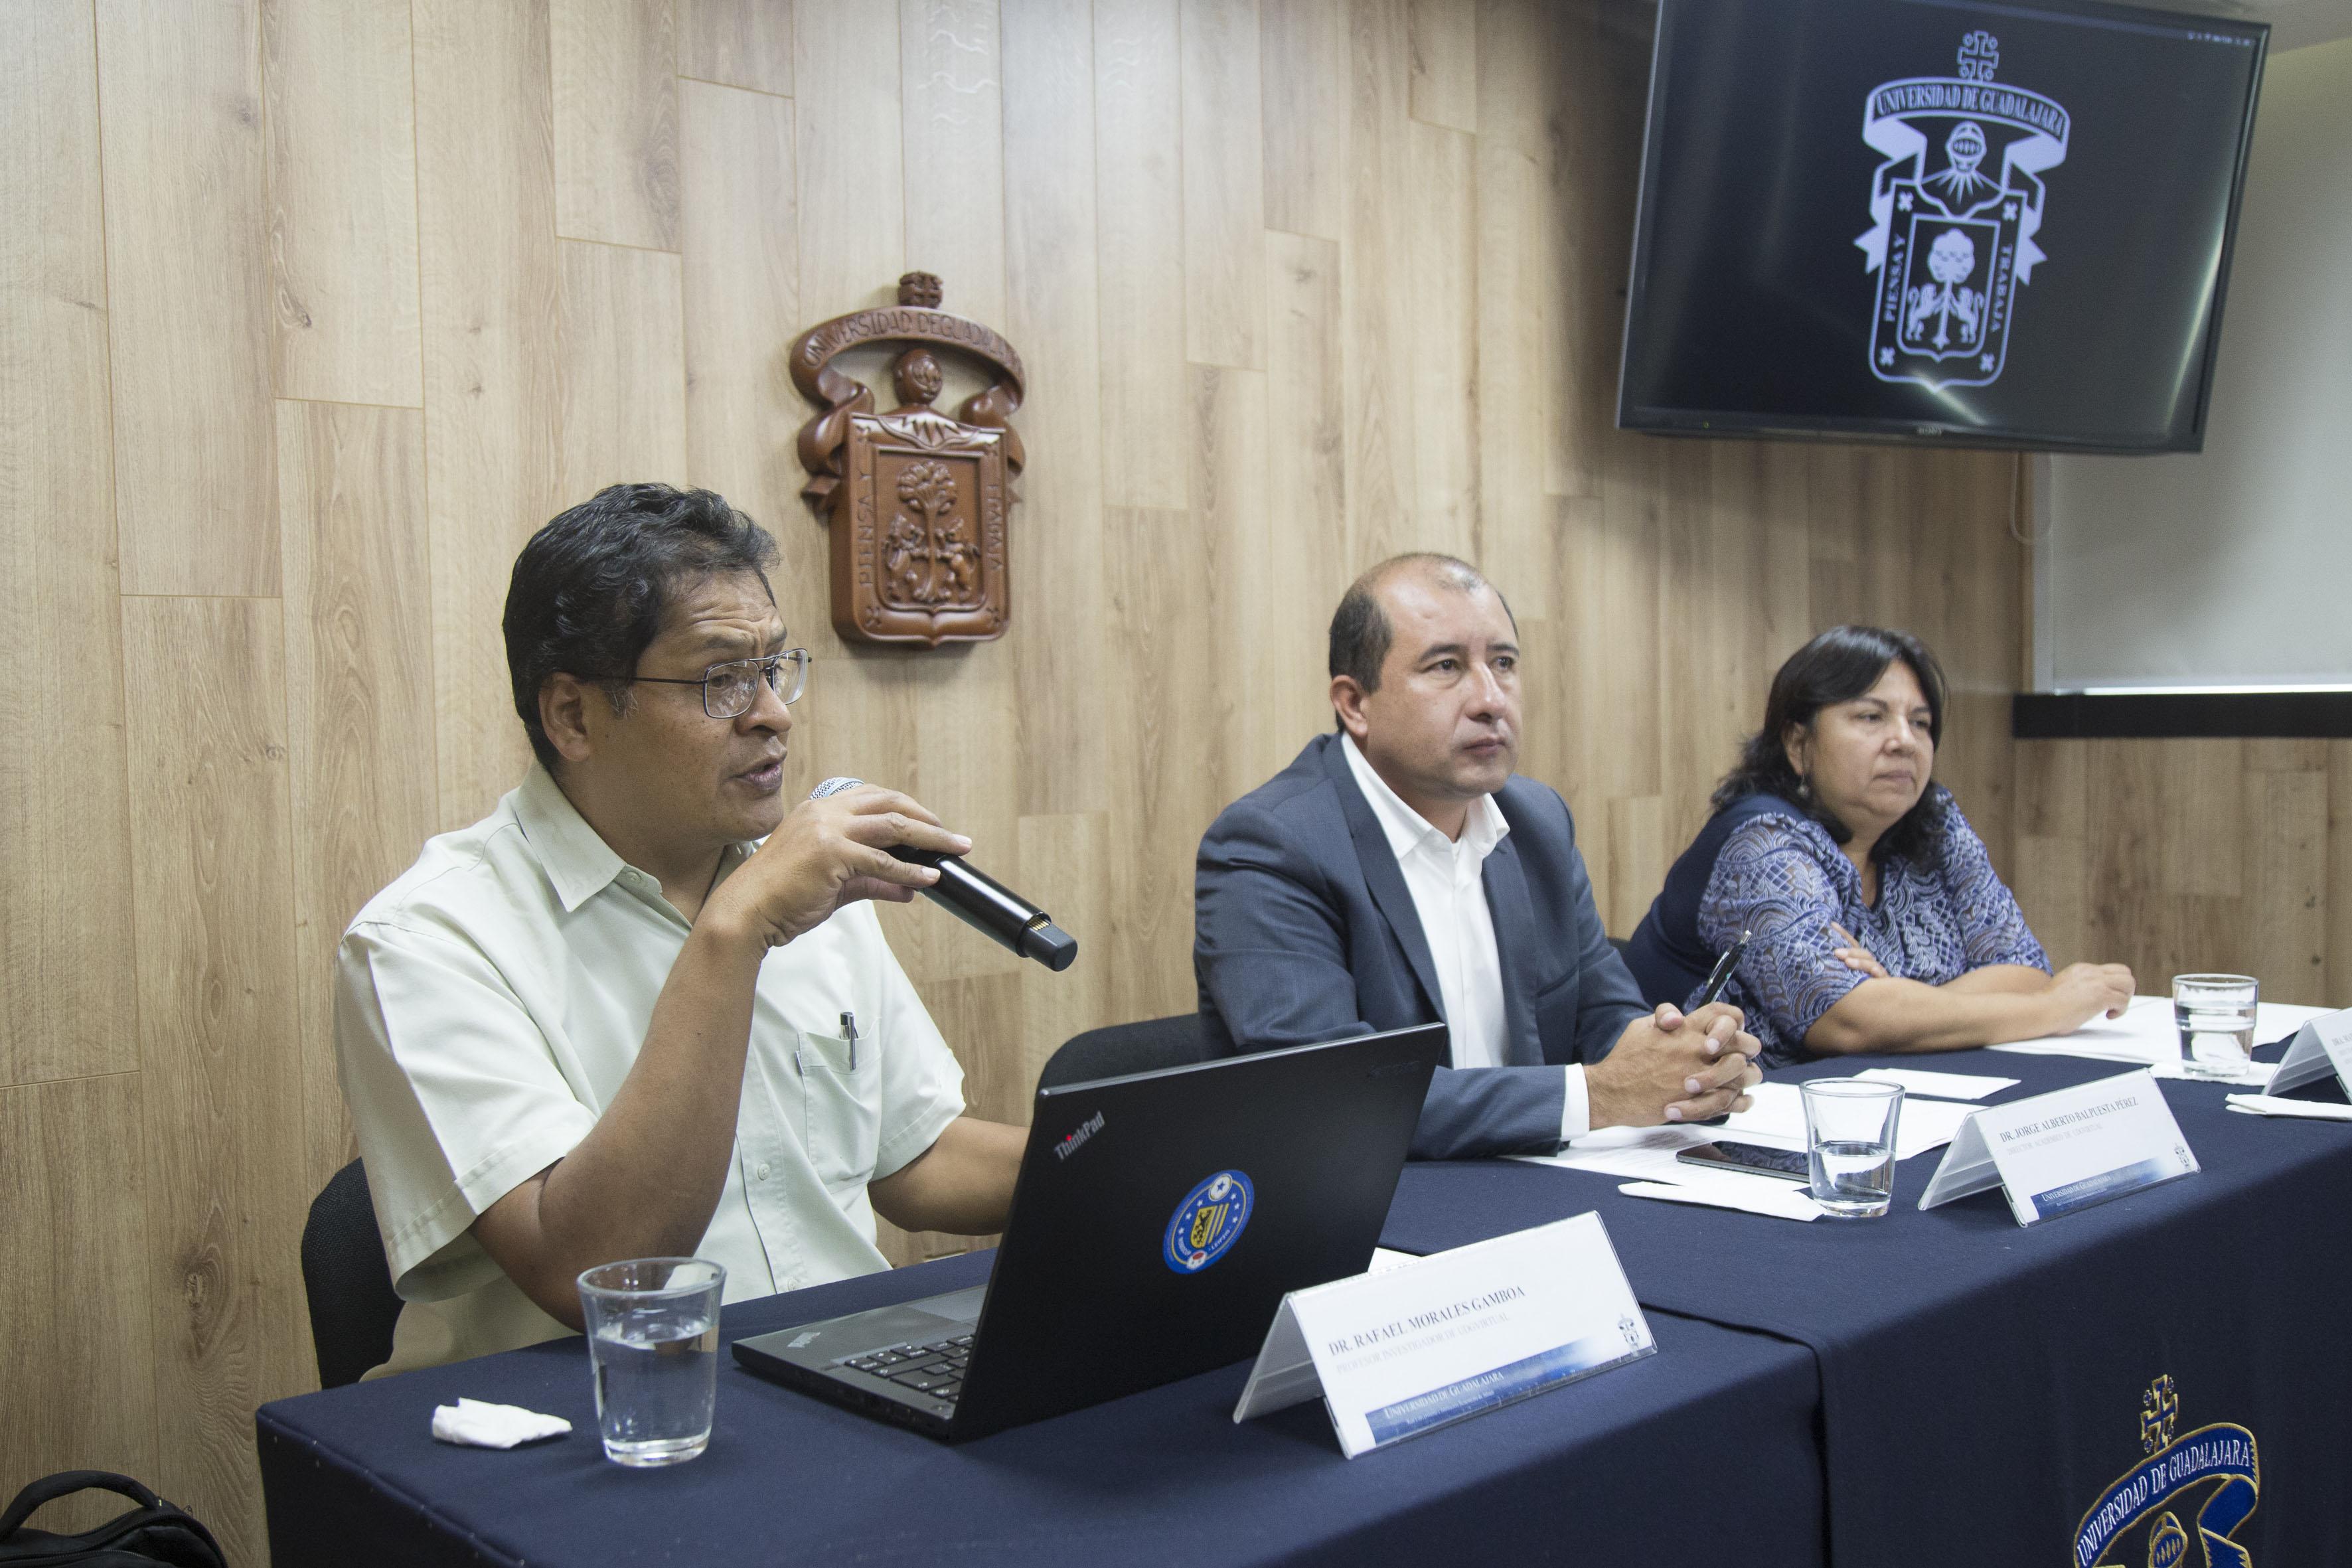 Investigadores de UDGVirtual y miembros del presídium, participando en conferencia de prensa.